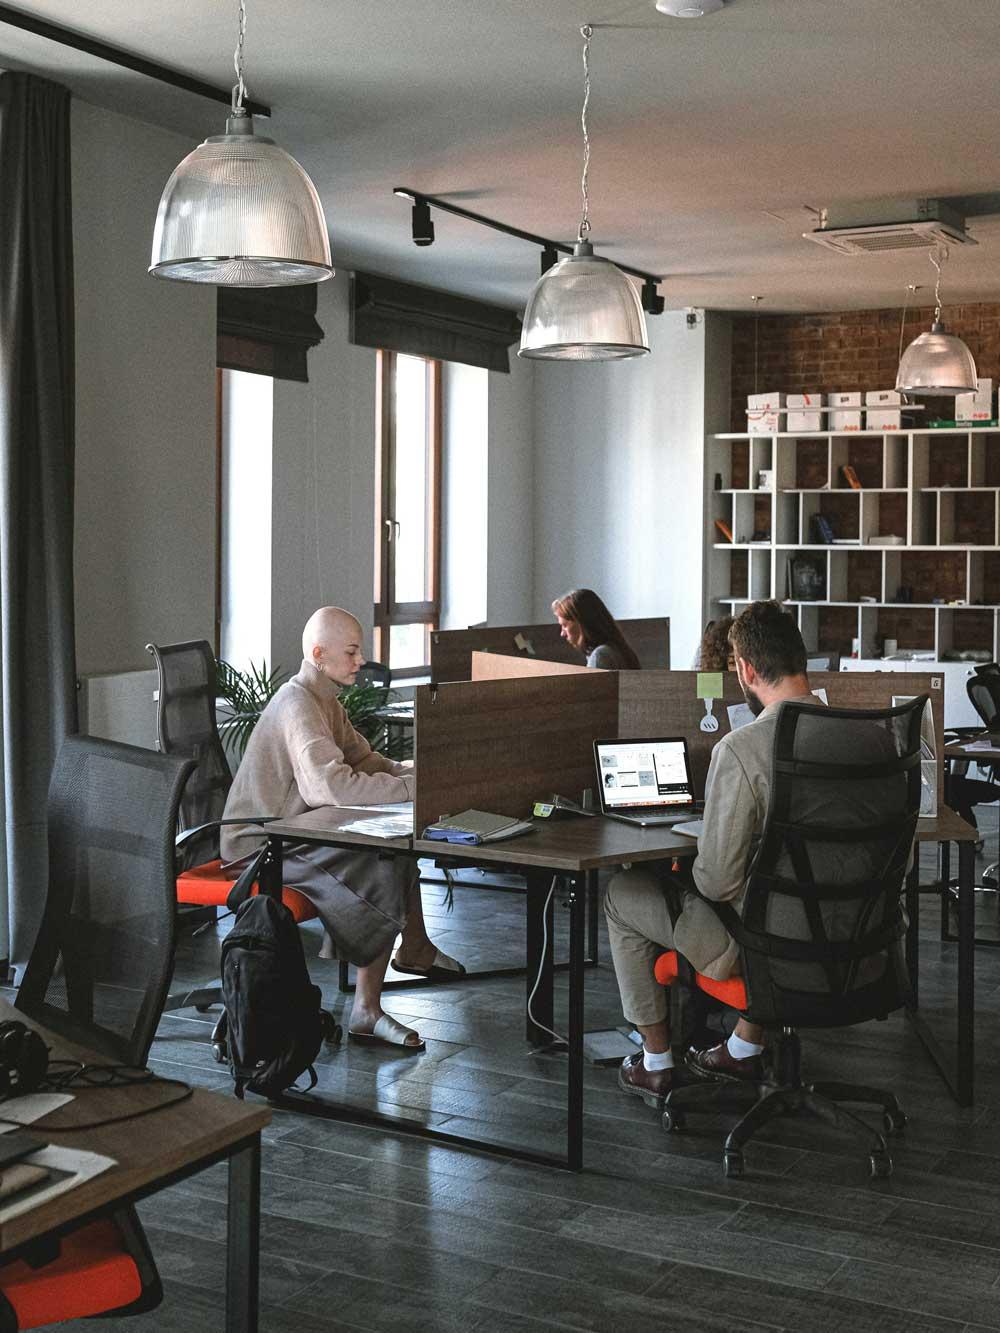 arbeitsplatz_design_trends_gruppenarbeits_platz_2_frauen_1_mann